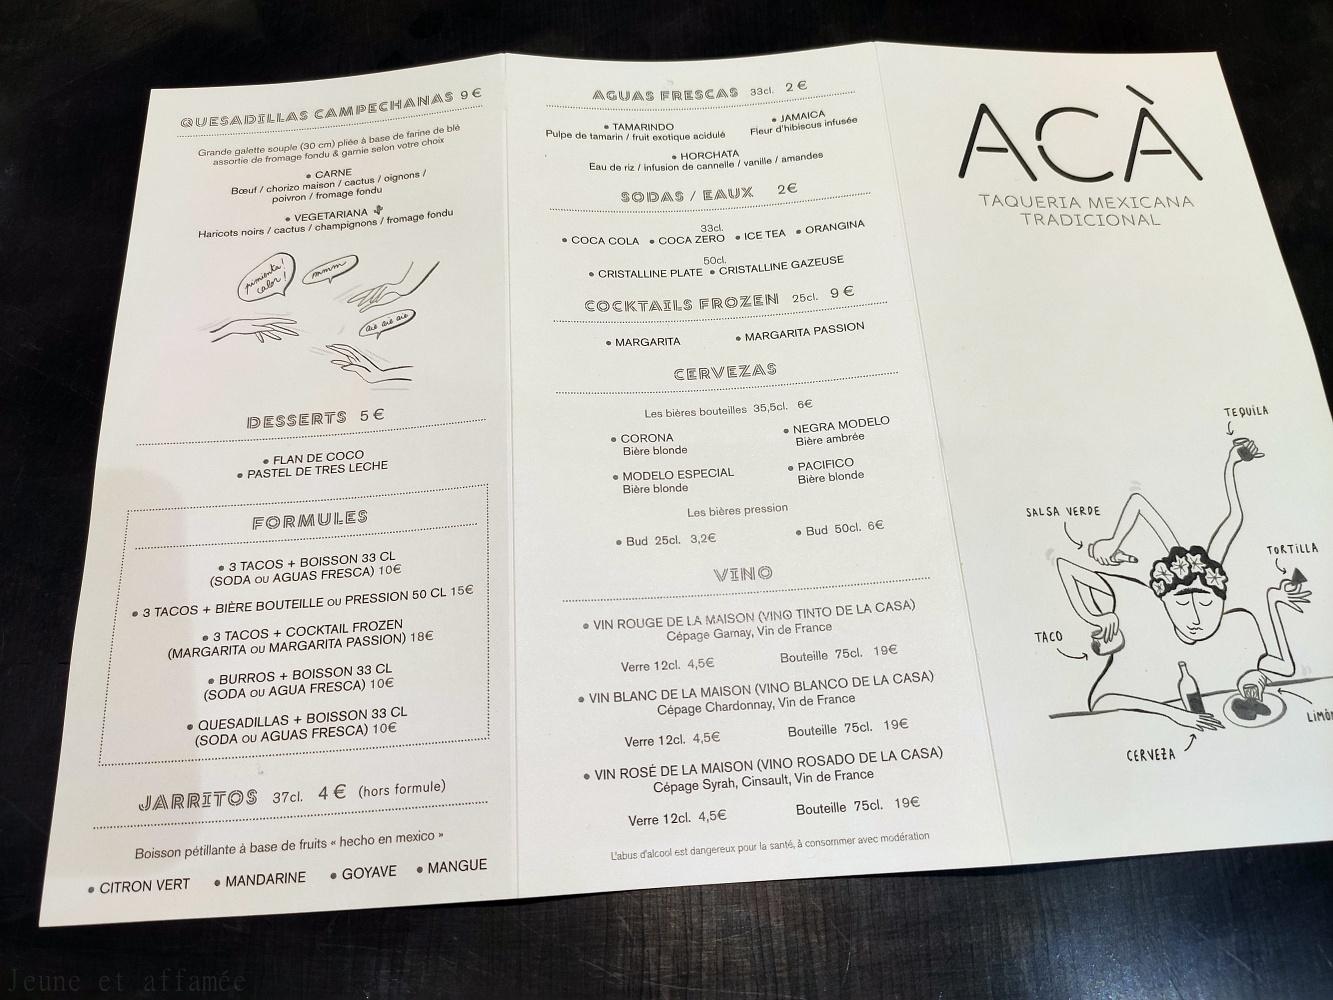 ACA Pigalle, carte des boissons et menus